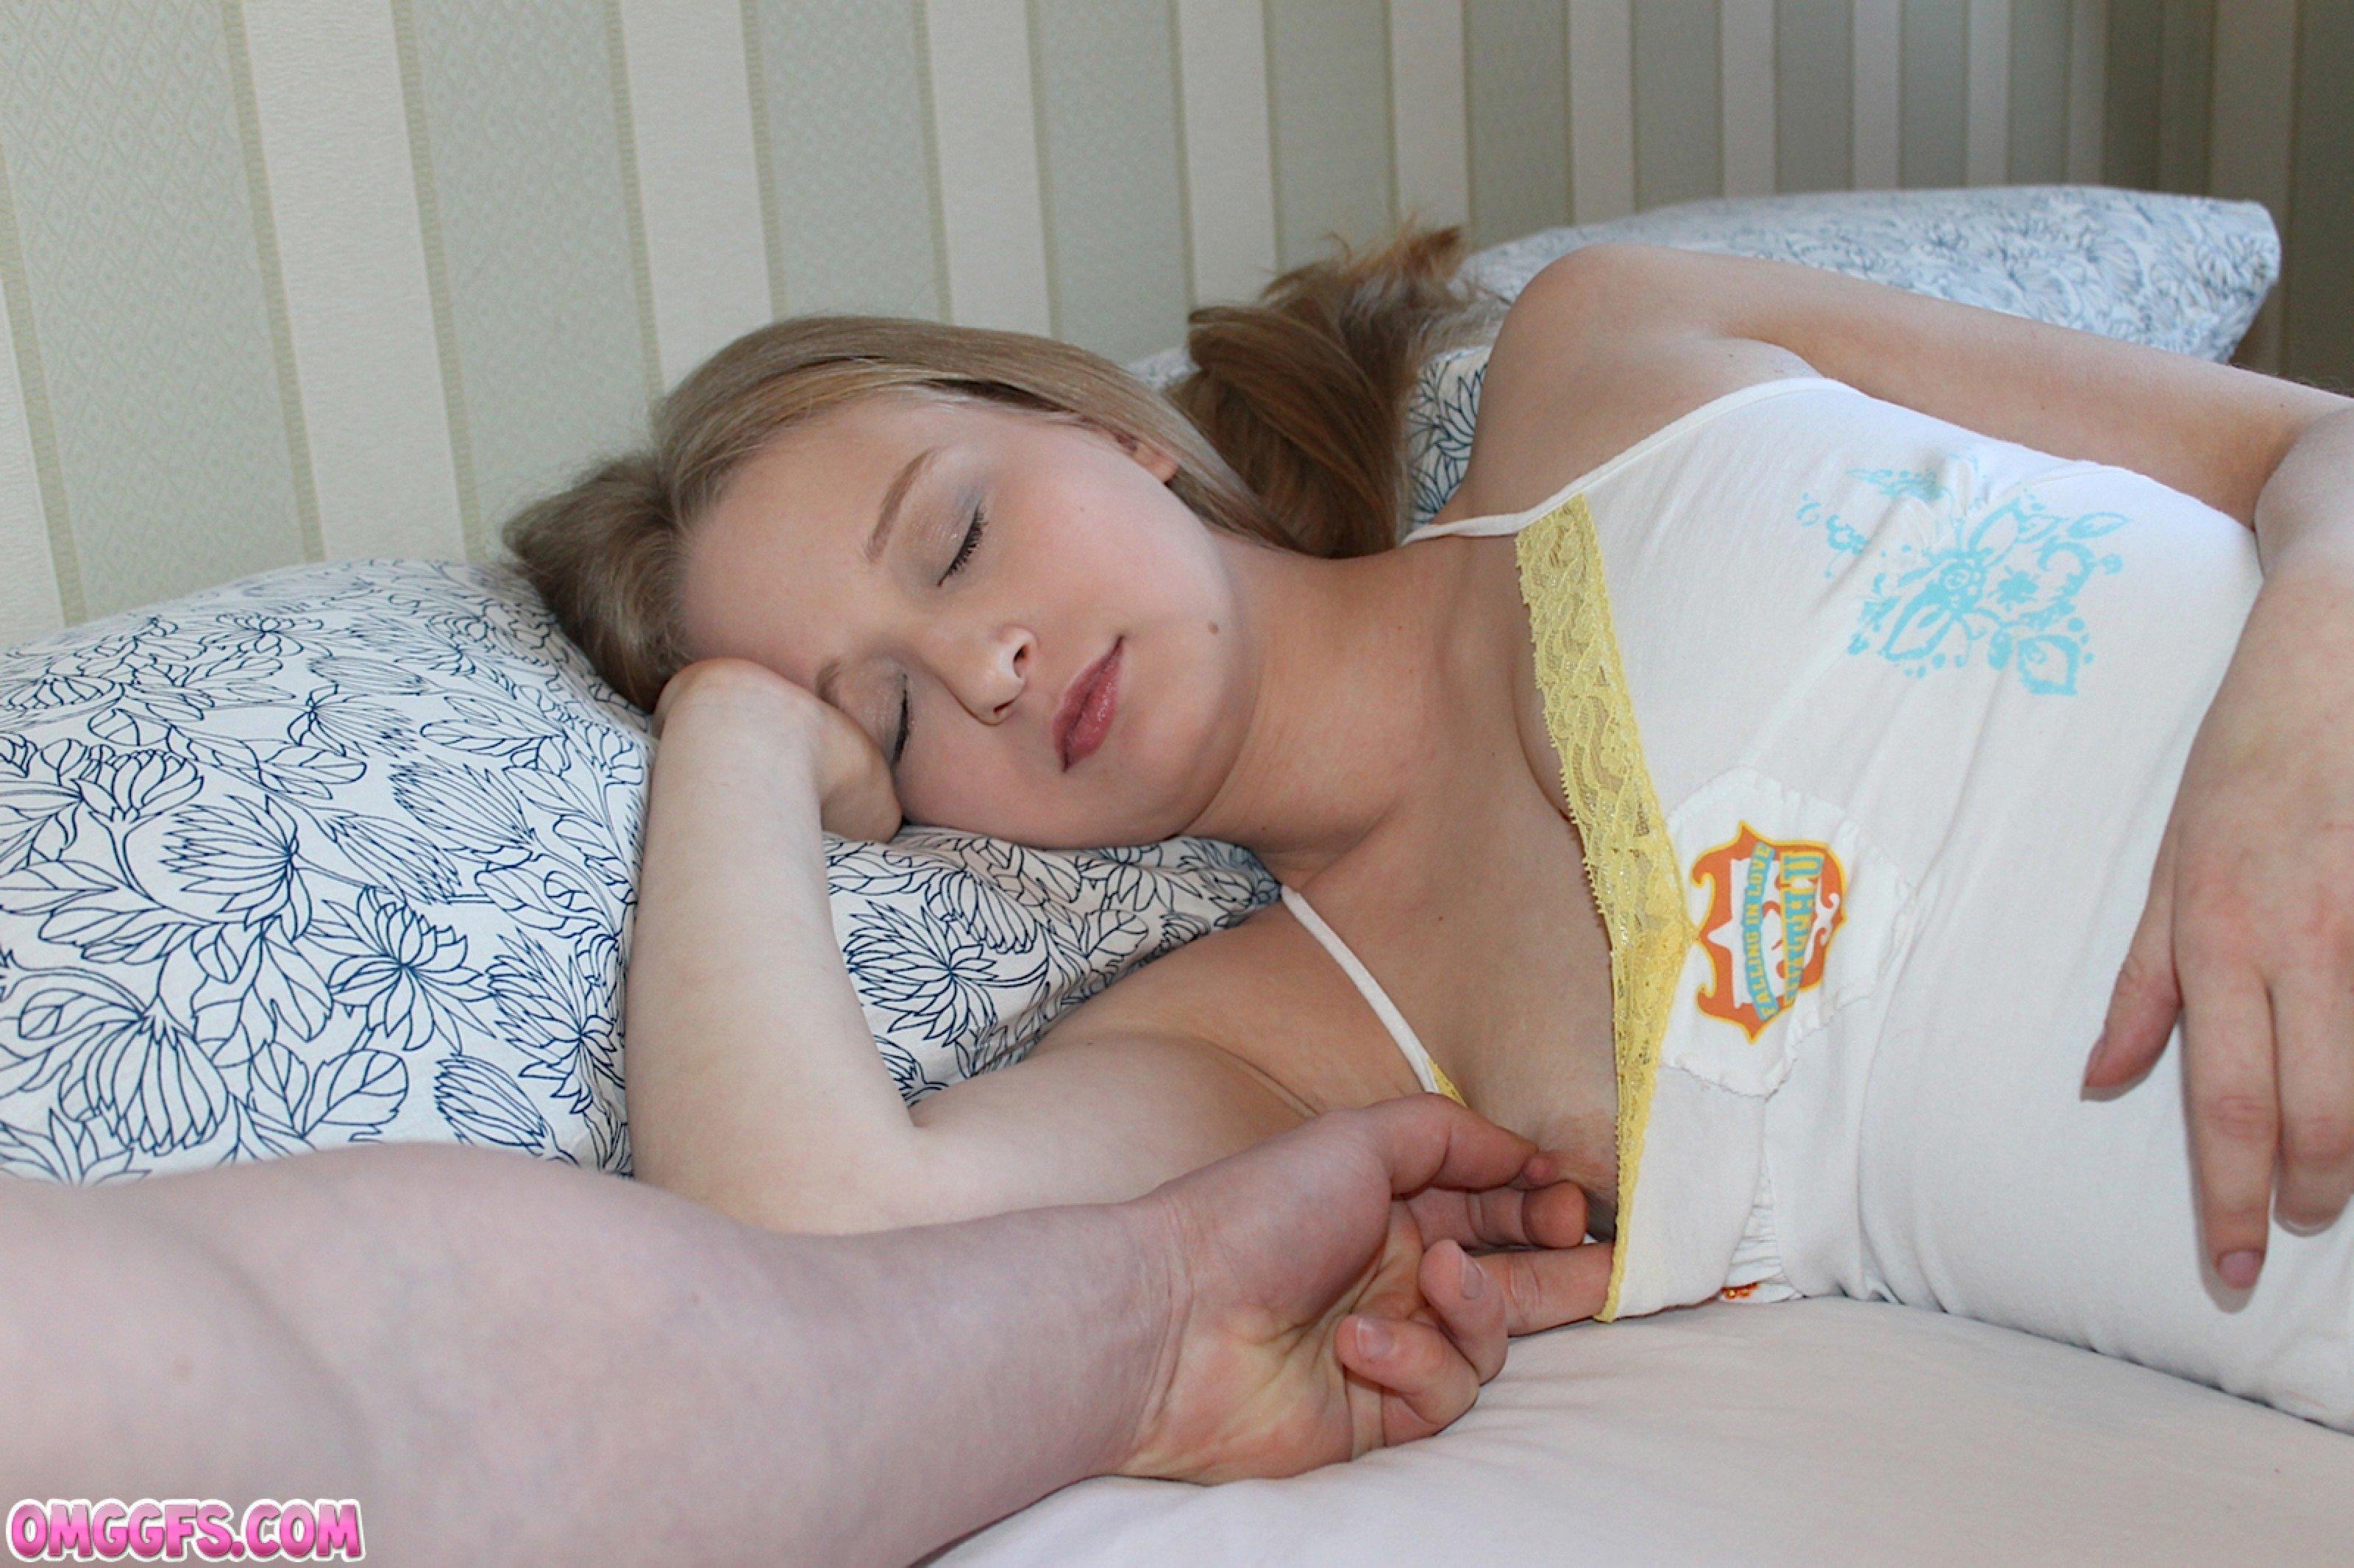 Снял трусики со спящей и завафлил ее